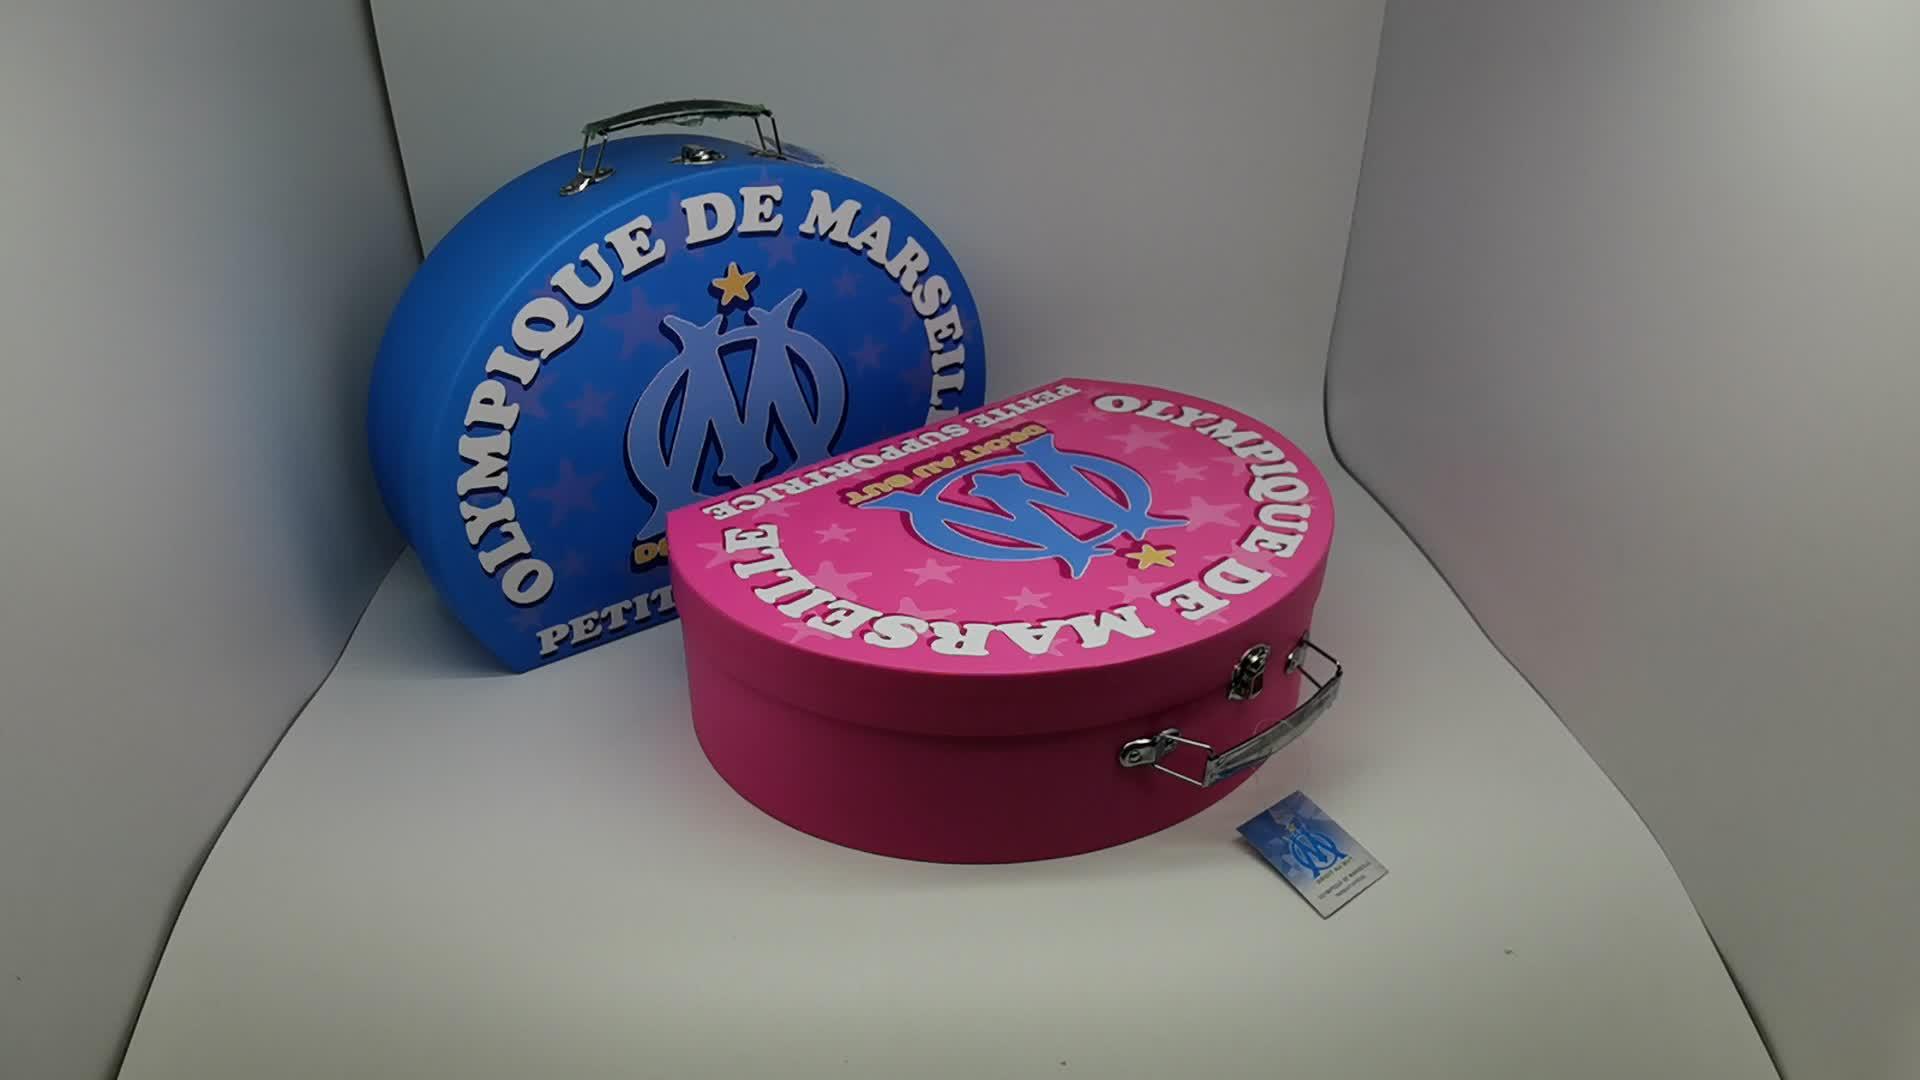 Aangepaste Decoratieve Kleine Mini Papier Kartonnen Koffer Vormige Favor Verpakking Gift Box Met Handvat